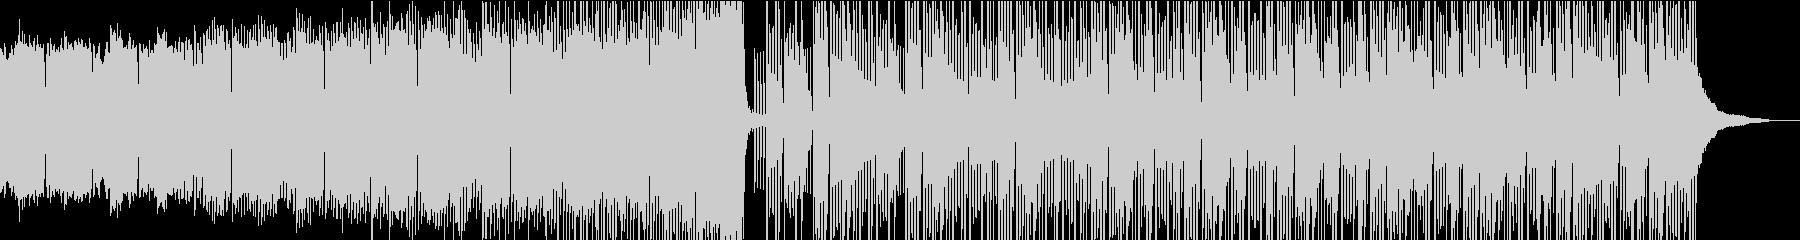 Future Bass 洋楽・かわいいの未再生の波形